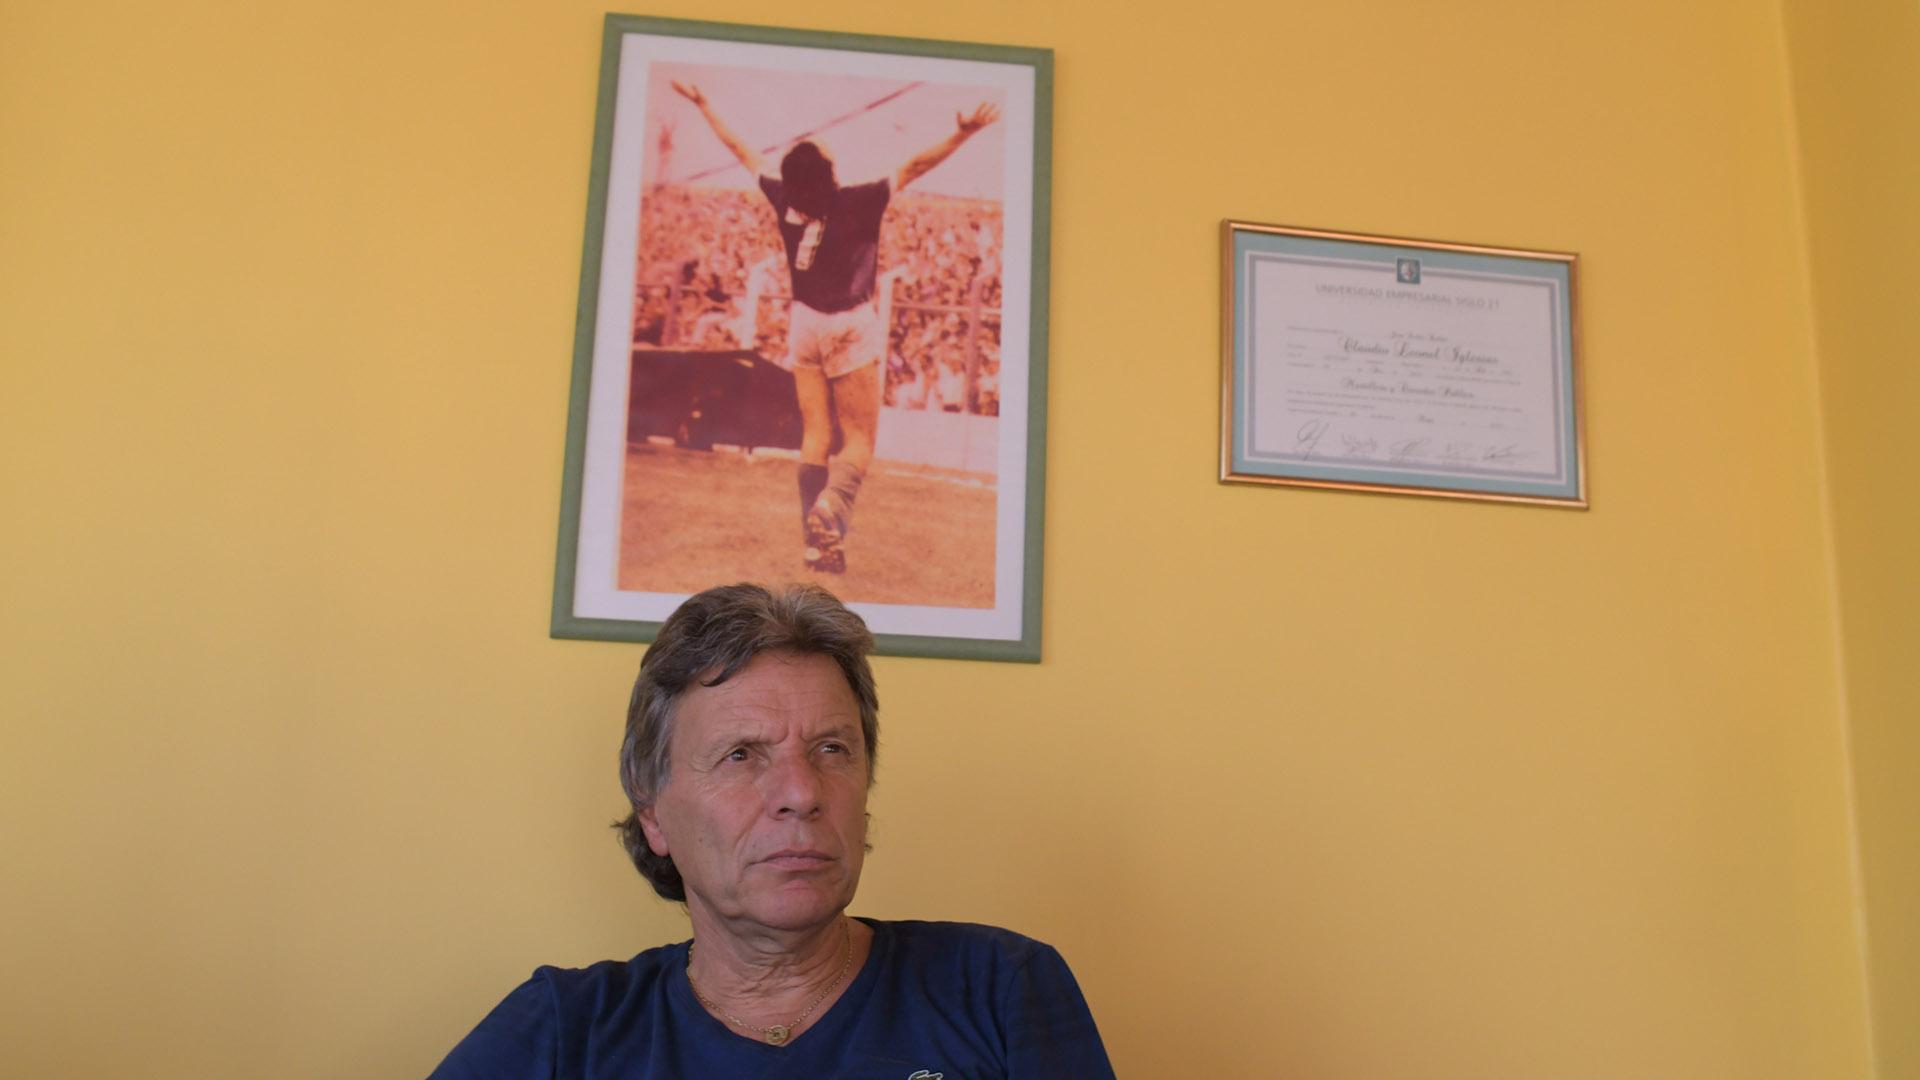 Ayer y hoy. Toti Iglesias con una foto de una tarde de gloria a sus espaldas con un gesto habitual: el festejo del gol. (Patricio Murphy)